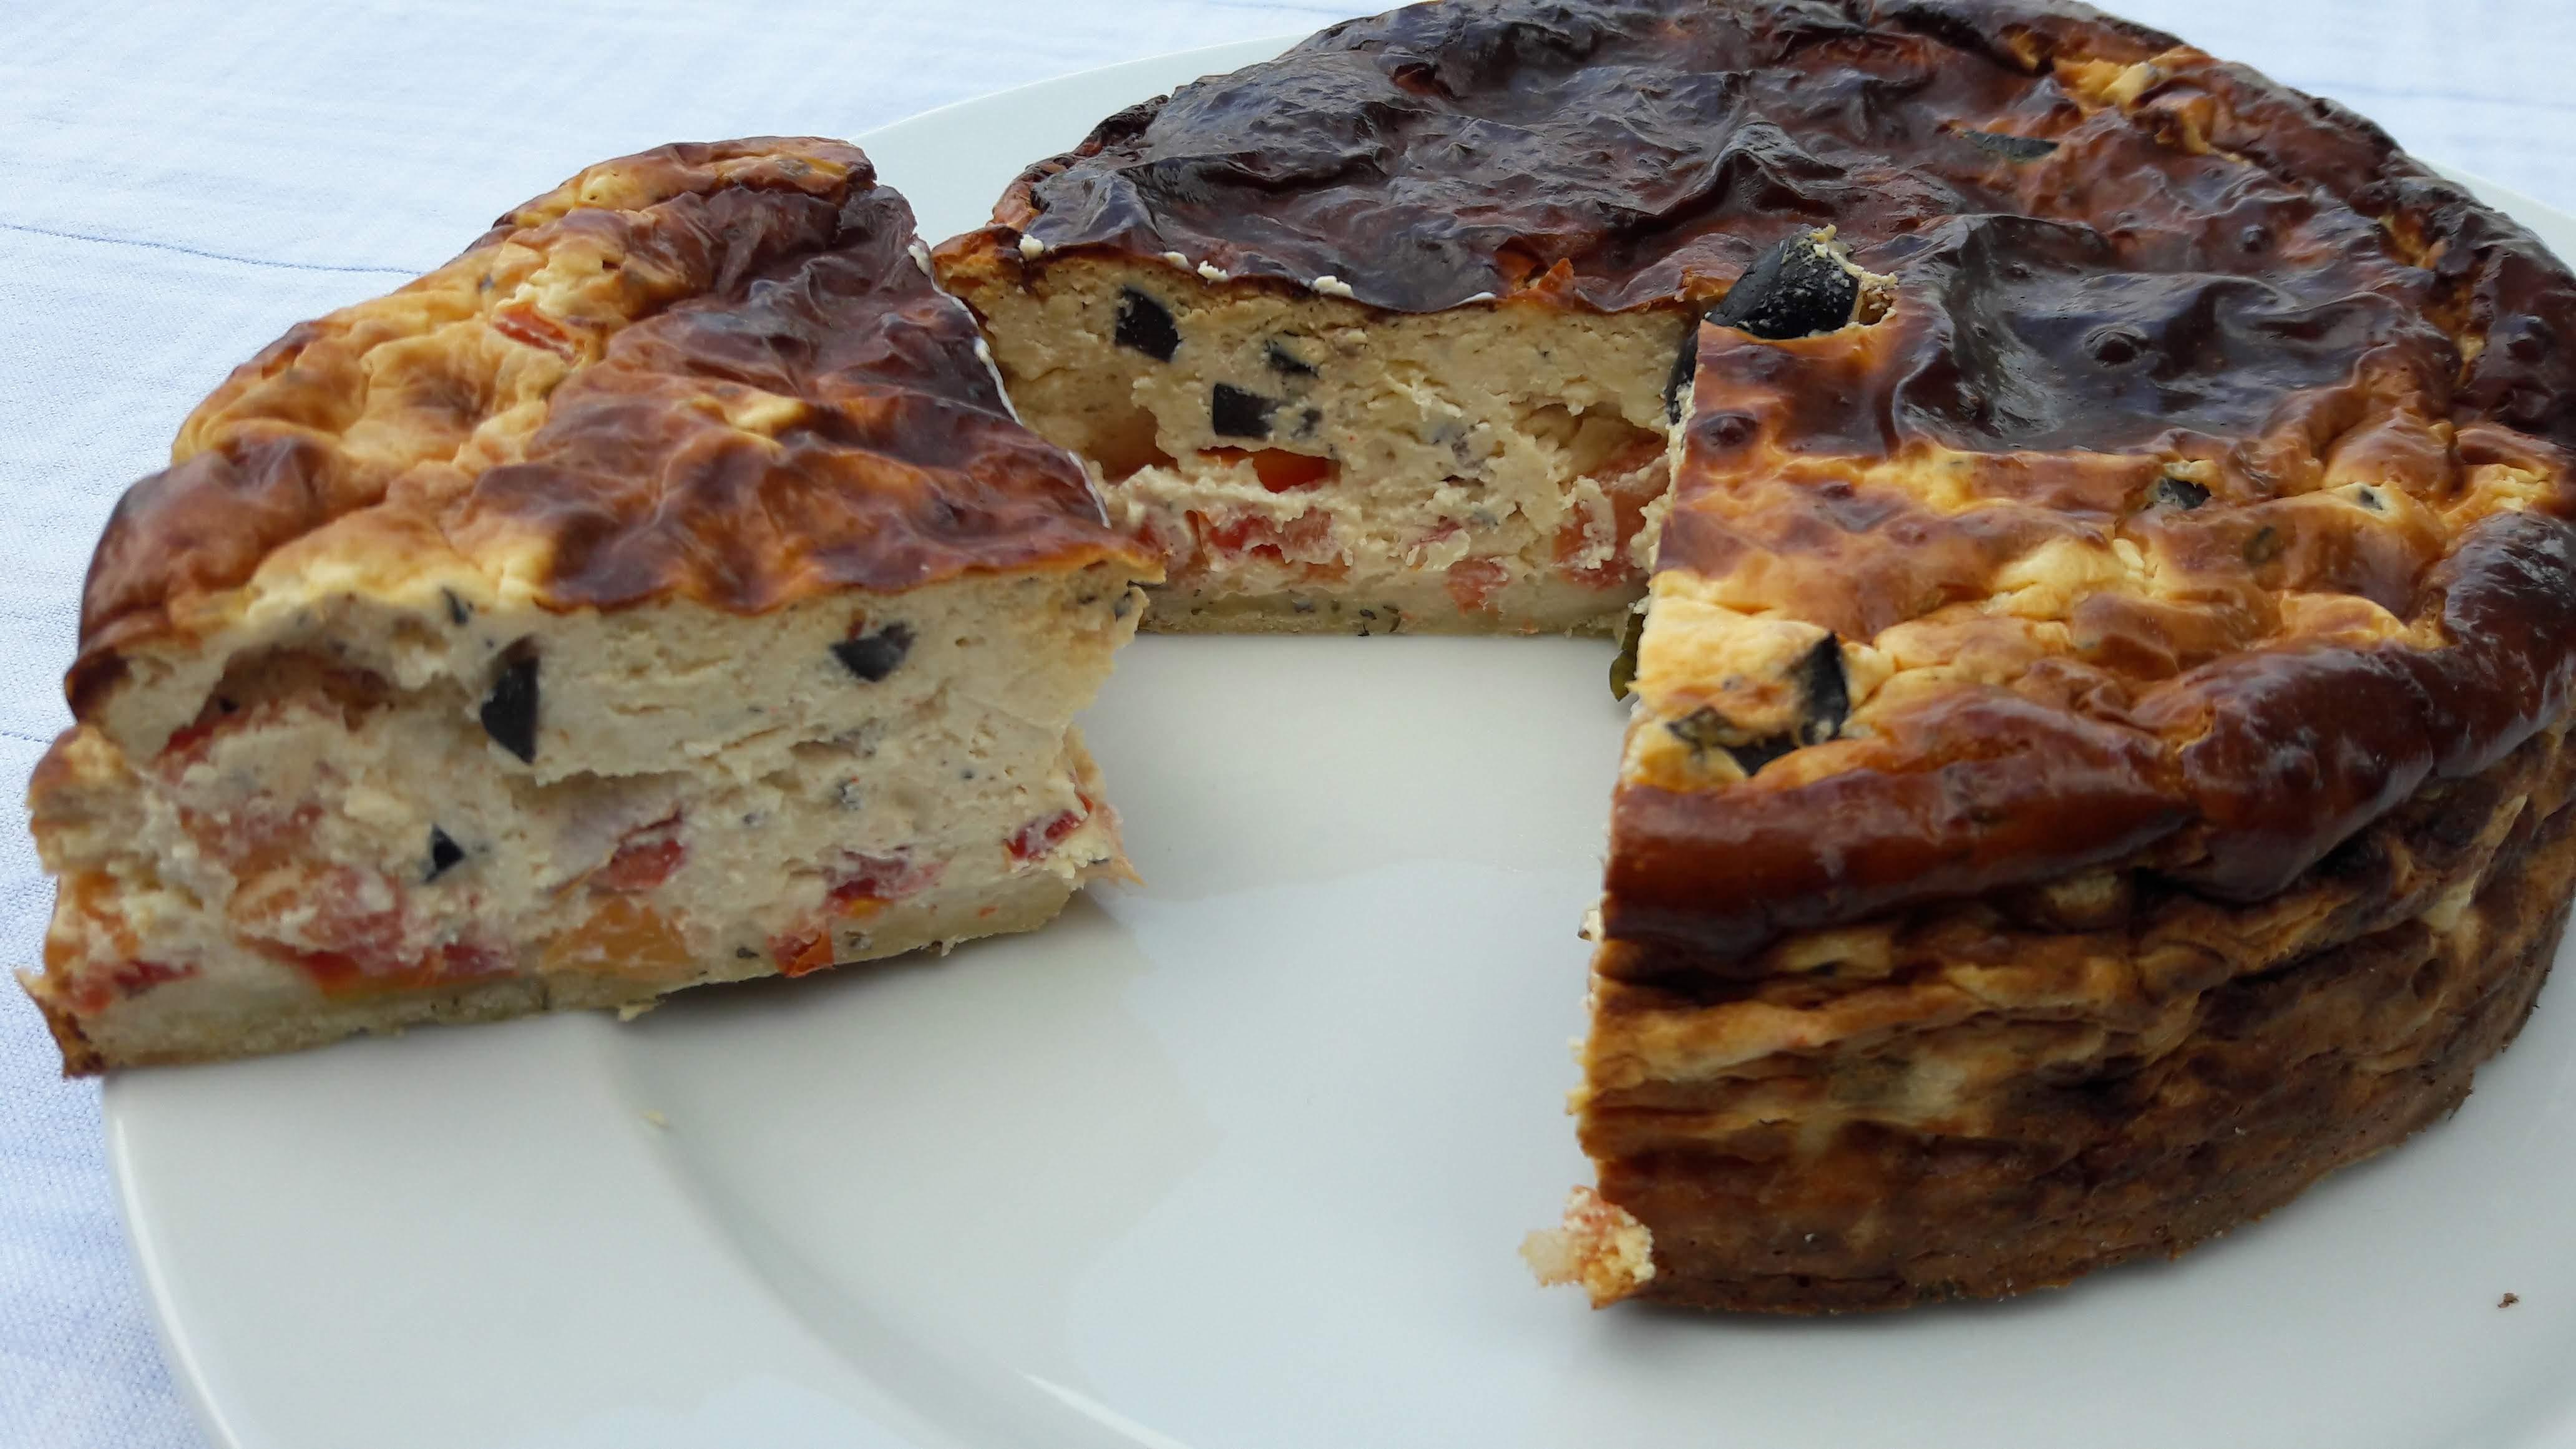 Hartige cheesecake met tomaat, basilicum en olijfjes (15 cm, 2 à 4 personen) Image